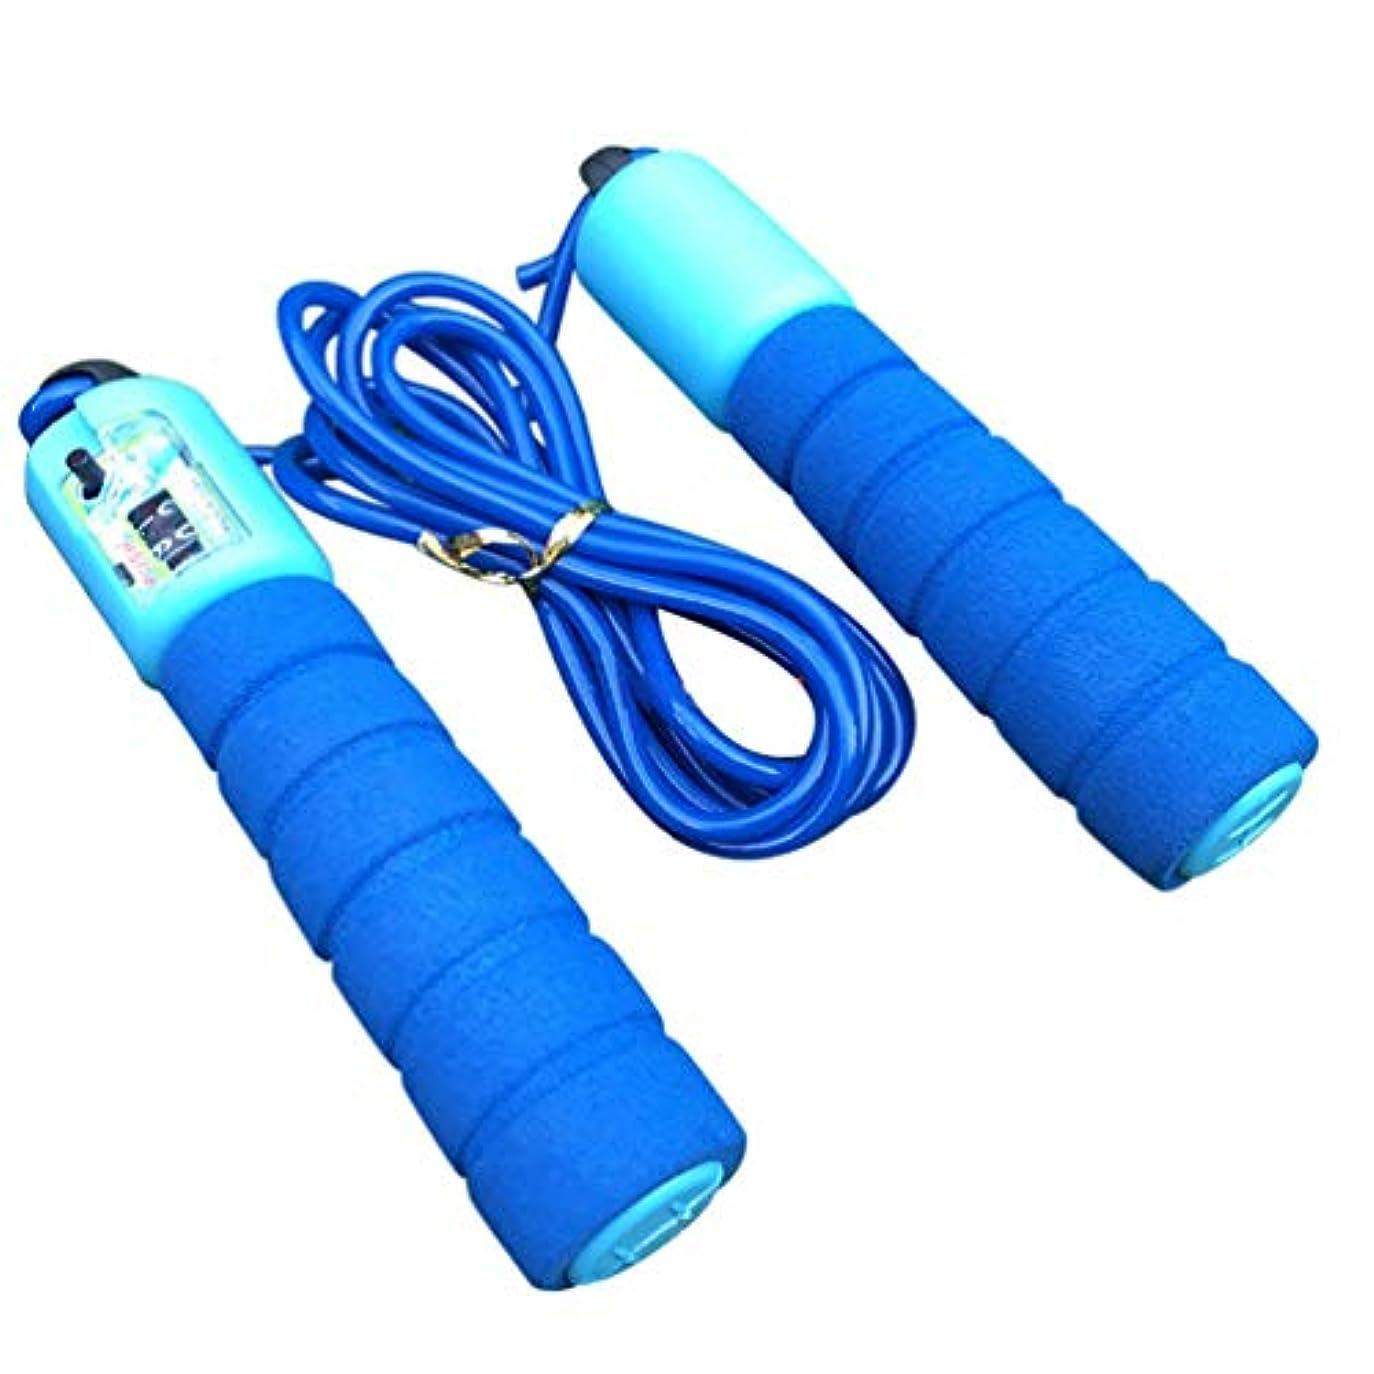 頬創傷粒調整可能なプロフェッショナルカウント縄跳び自動カウントジャンプロープフィットネス運動高速カウントジャンプロープ - 青